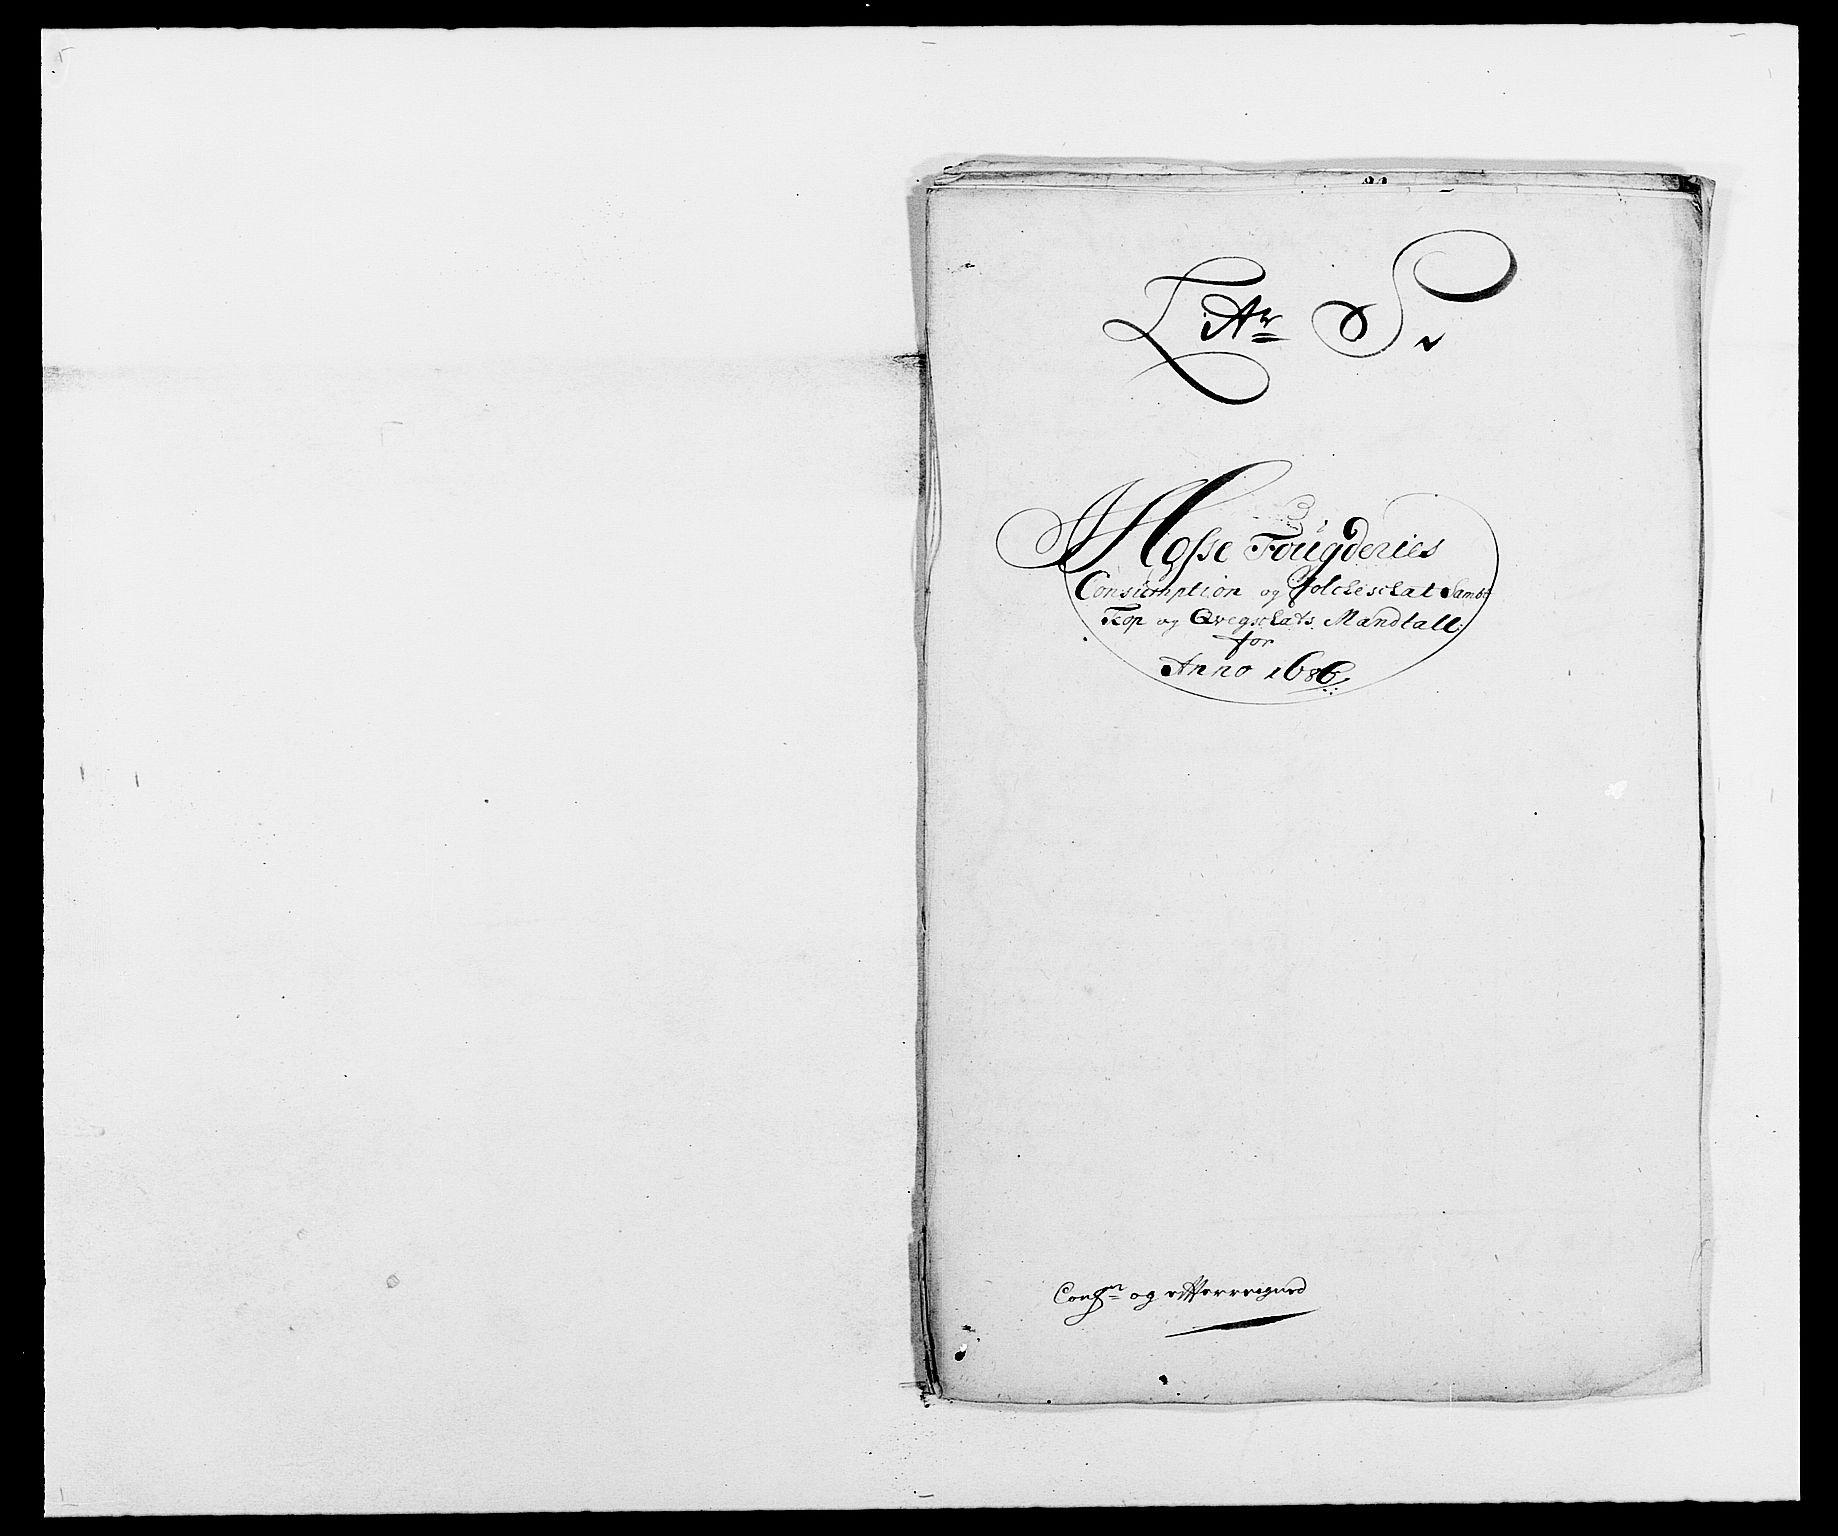 RA, Rentekammeret inntil 1814, Reviderte regnskaper, Fogderegnskap, R02/L0105: Fogderegnskap Moss og Verne kloster, 1685-1687, s. 247